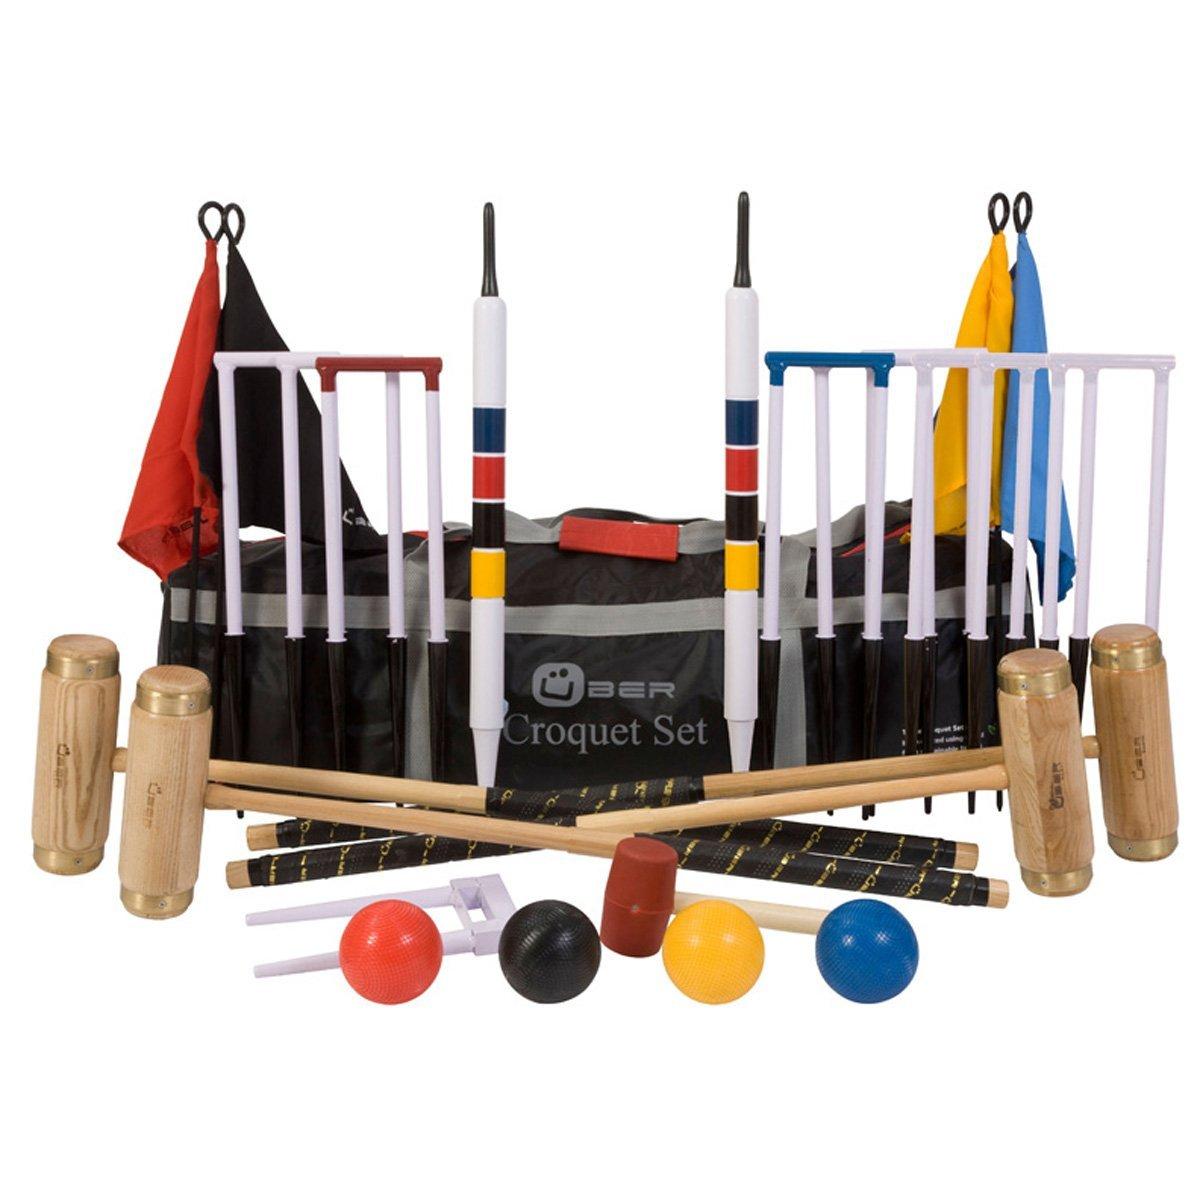 Excecutive ECO Holz Krocket Set mit 4 Schlägern aus engl. Esche und Composite Bällen, mit Nylontasche